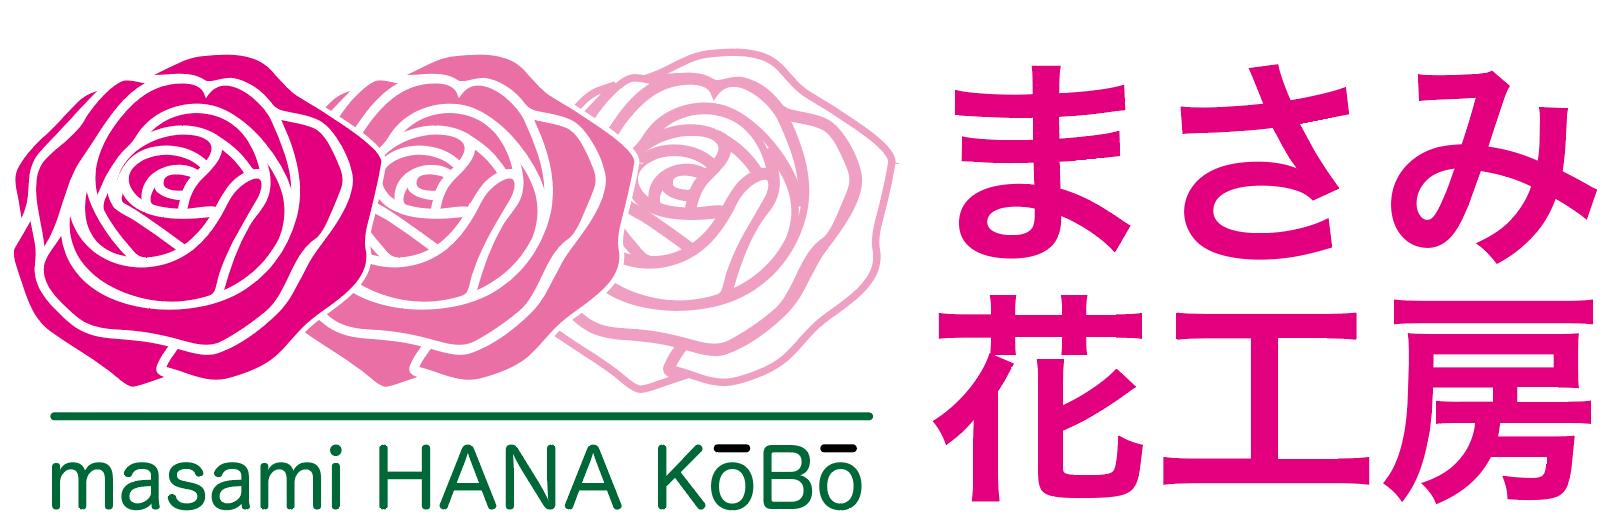 まさみ花工房ロゴ